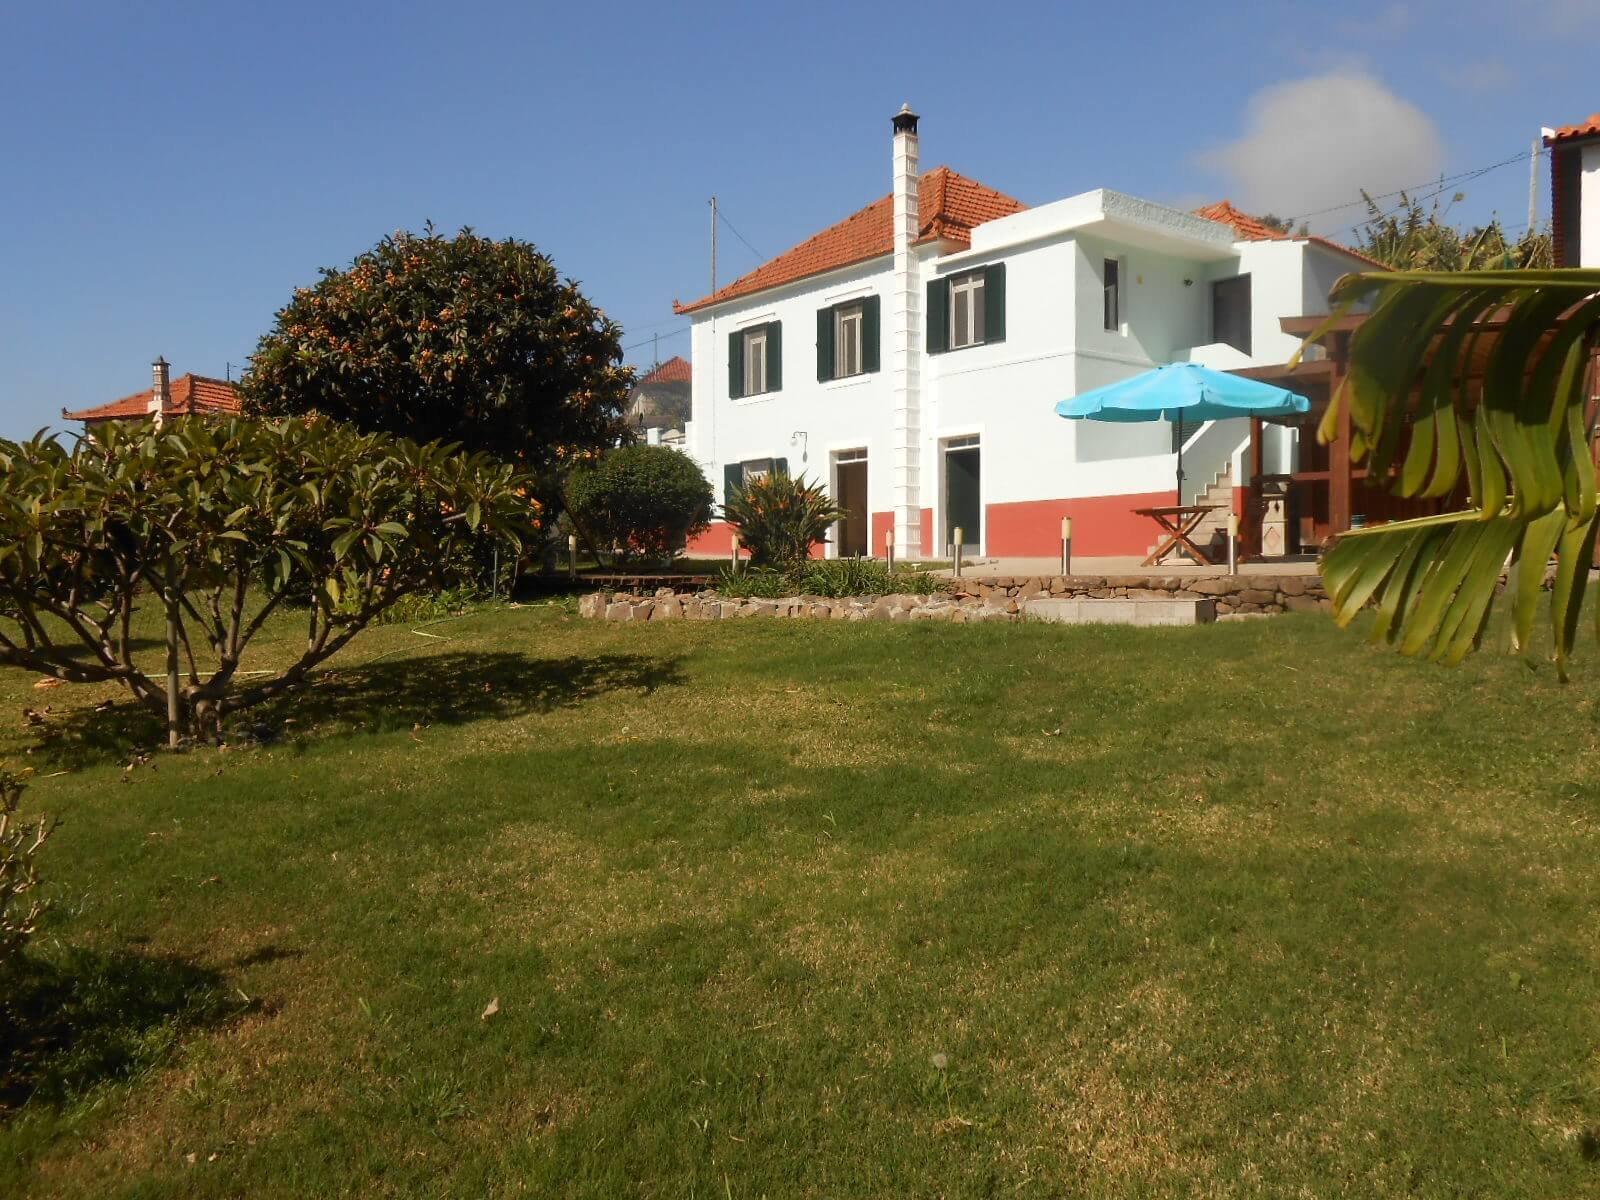 Maison traditionnelle Madérienne avec terrain plat et vue Océan et Montagnes.